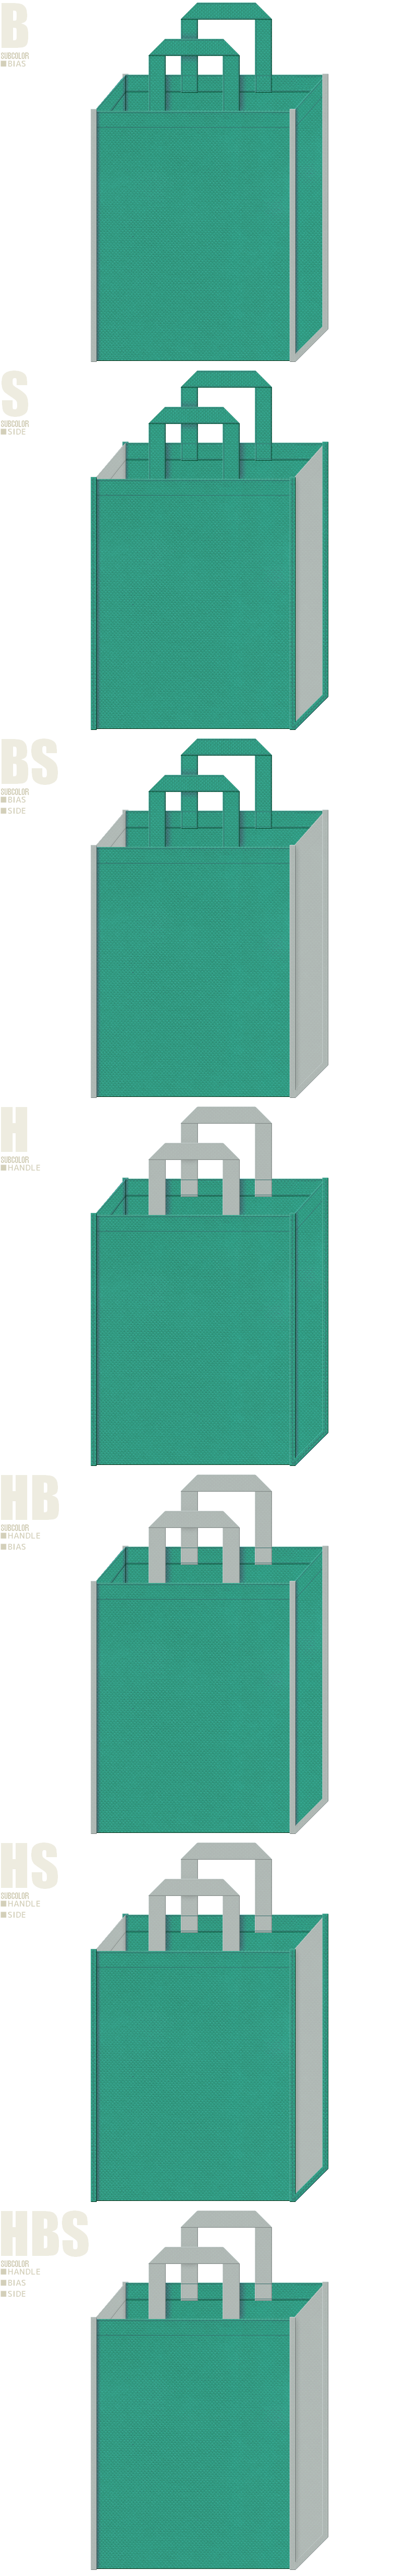 ビルの屋上緑化・壁面緑化の展示会用バッグにお奨めの不織布バッグデザイン:青緑色とグレー色の不織布バッグ配色7パターン。